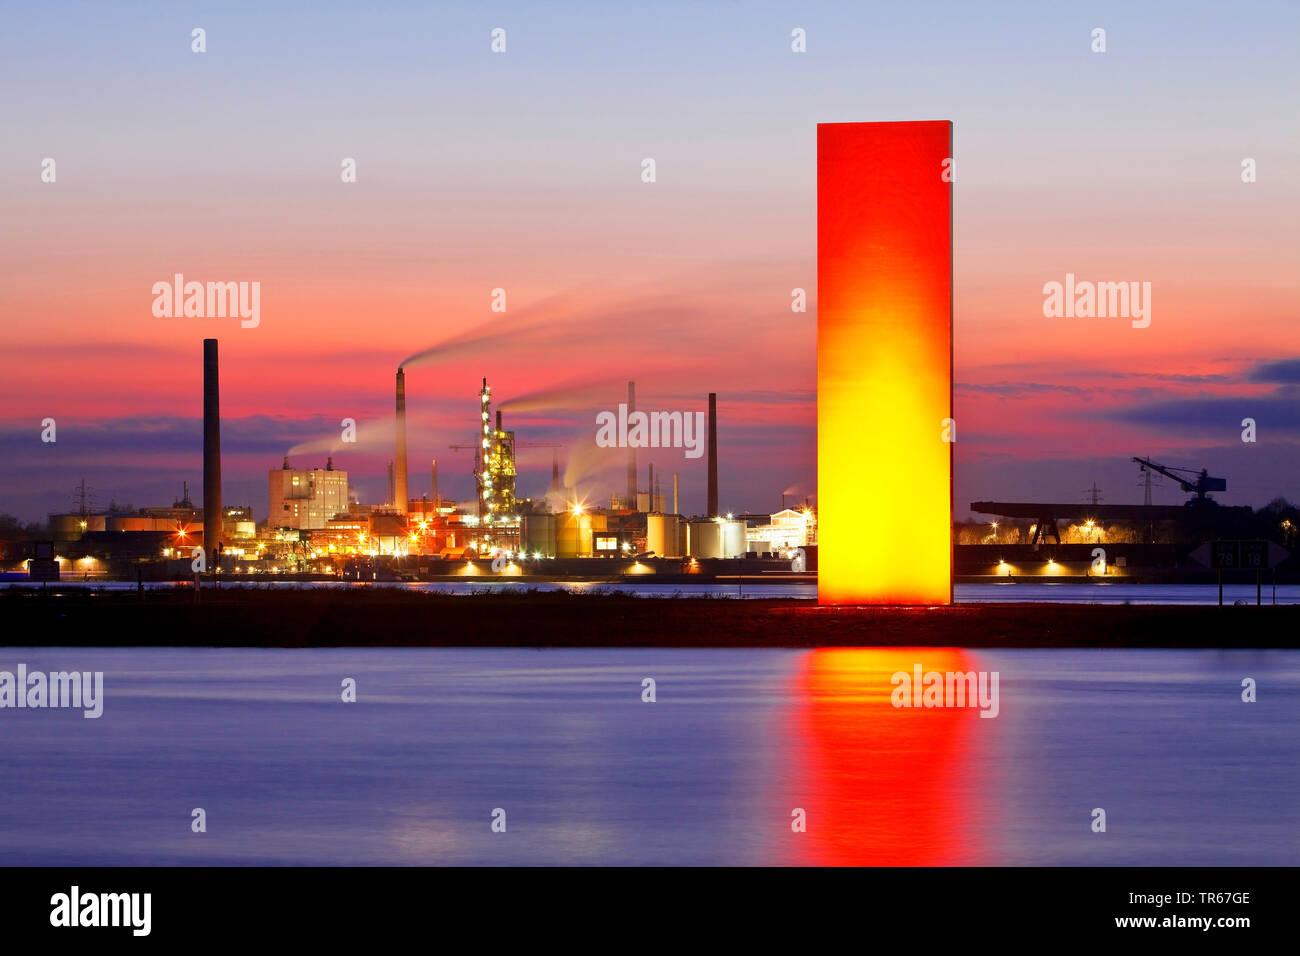 Beleuchtete Skulptur Rheinorange vor Industriepanorama in Duisburg, Deutschland, Nordrhein-Westfalen, Ruhrgebiet, Duisburg   illuminated sculpture Rhi - Stock Image